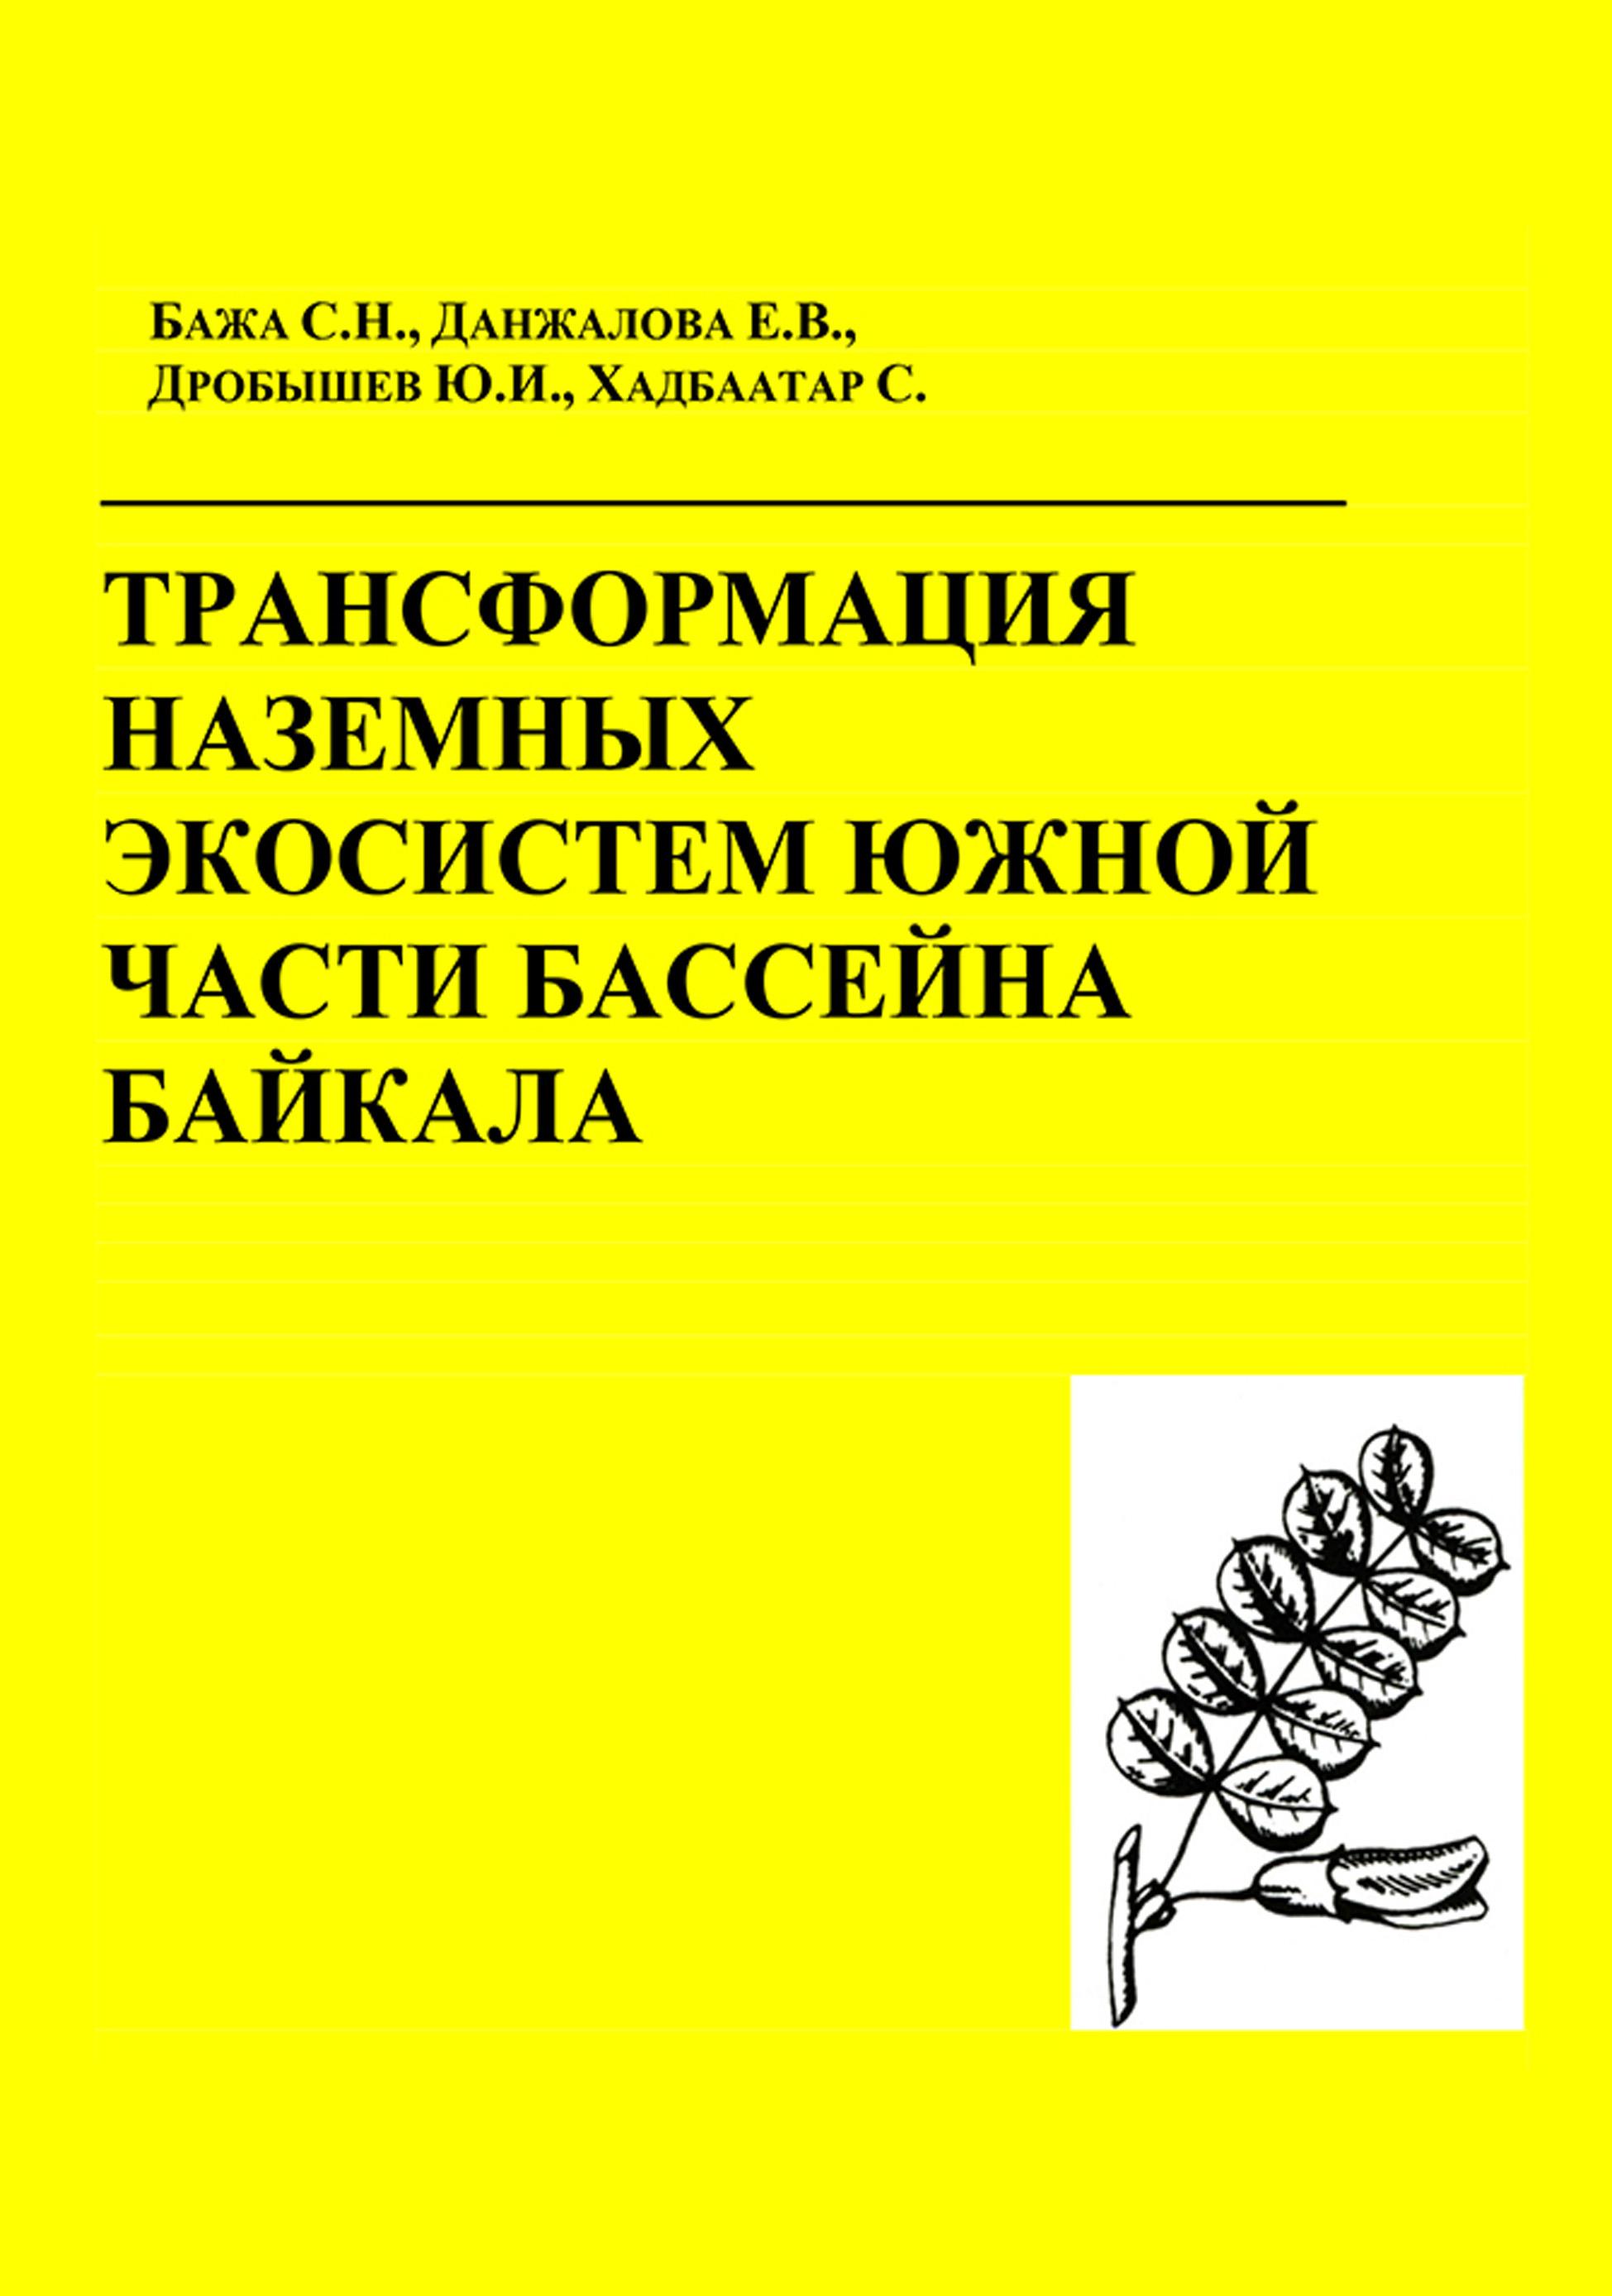 Трансформация наземных экосистем южной части бассейна Байкала